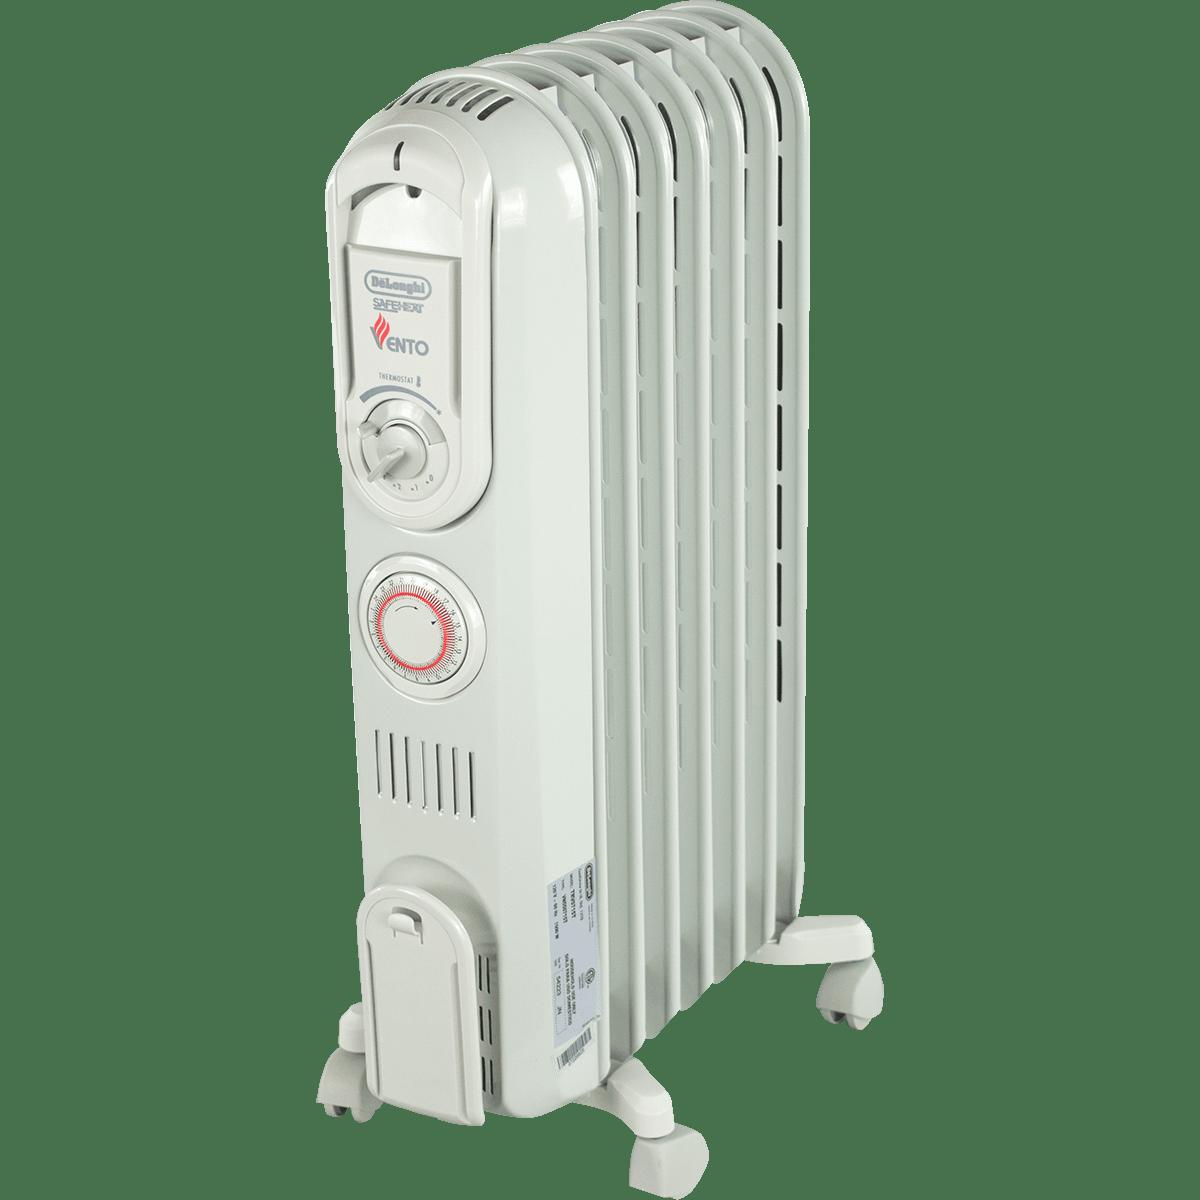 delonghi trv0715t vento oil filled radiator heater free. Black Bedroom Furniture Sets. Home Design Ideas